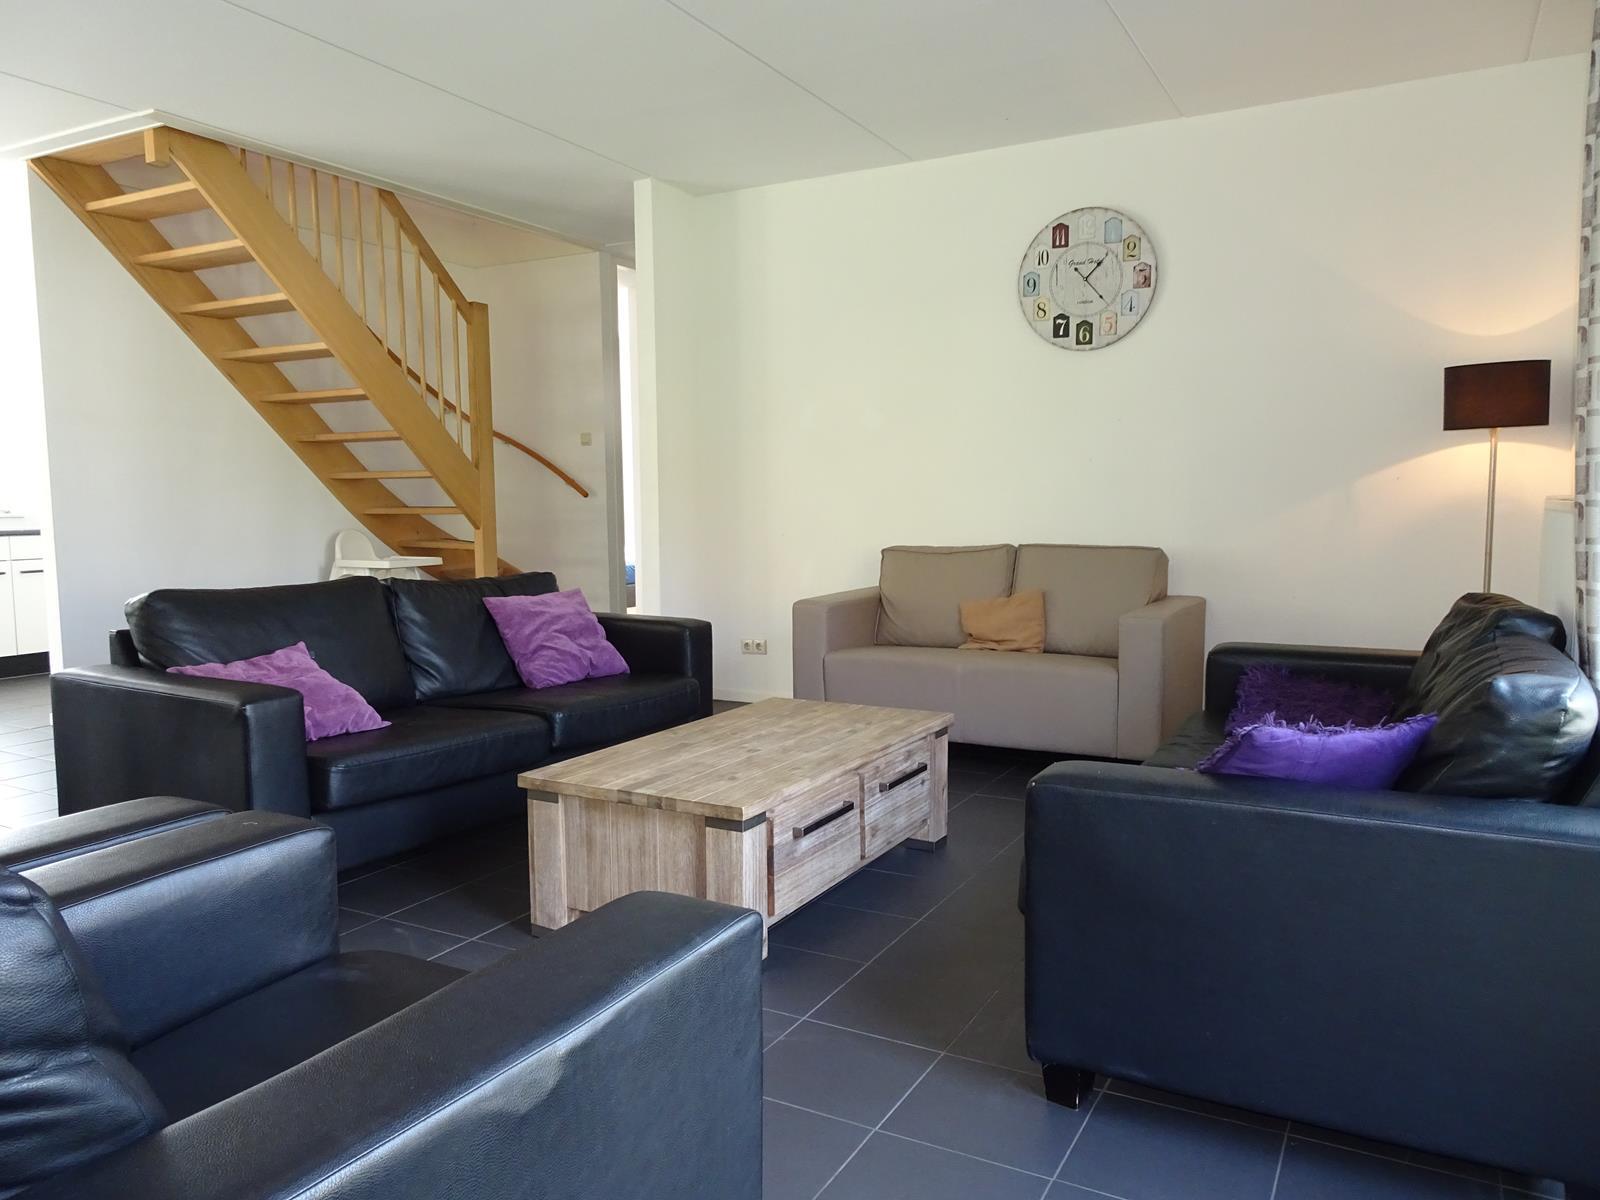 Vakantiehuis te koop Susteren K801 035.jpg